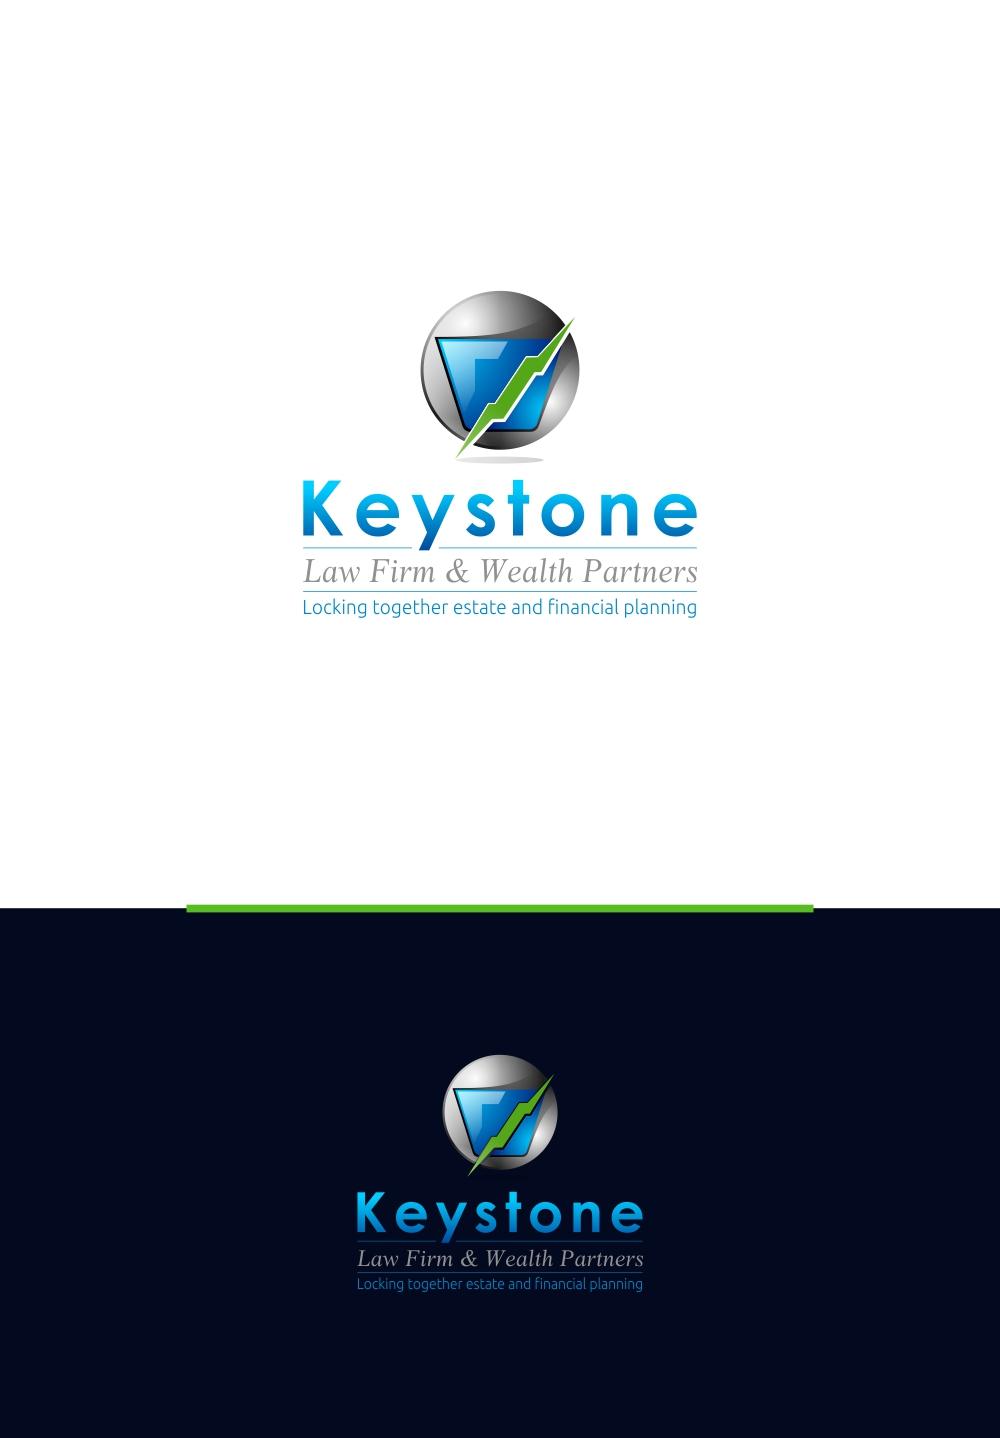 Logo Design Contests Artistic Logo Design For Keystone